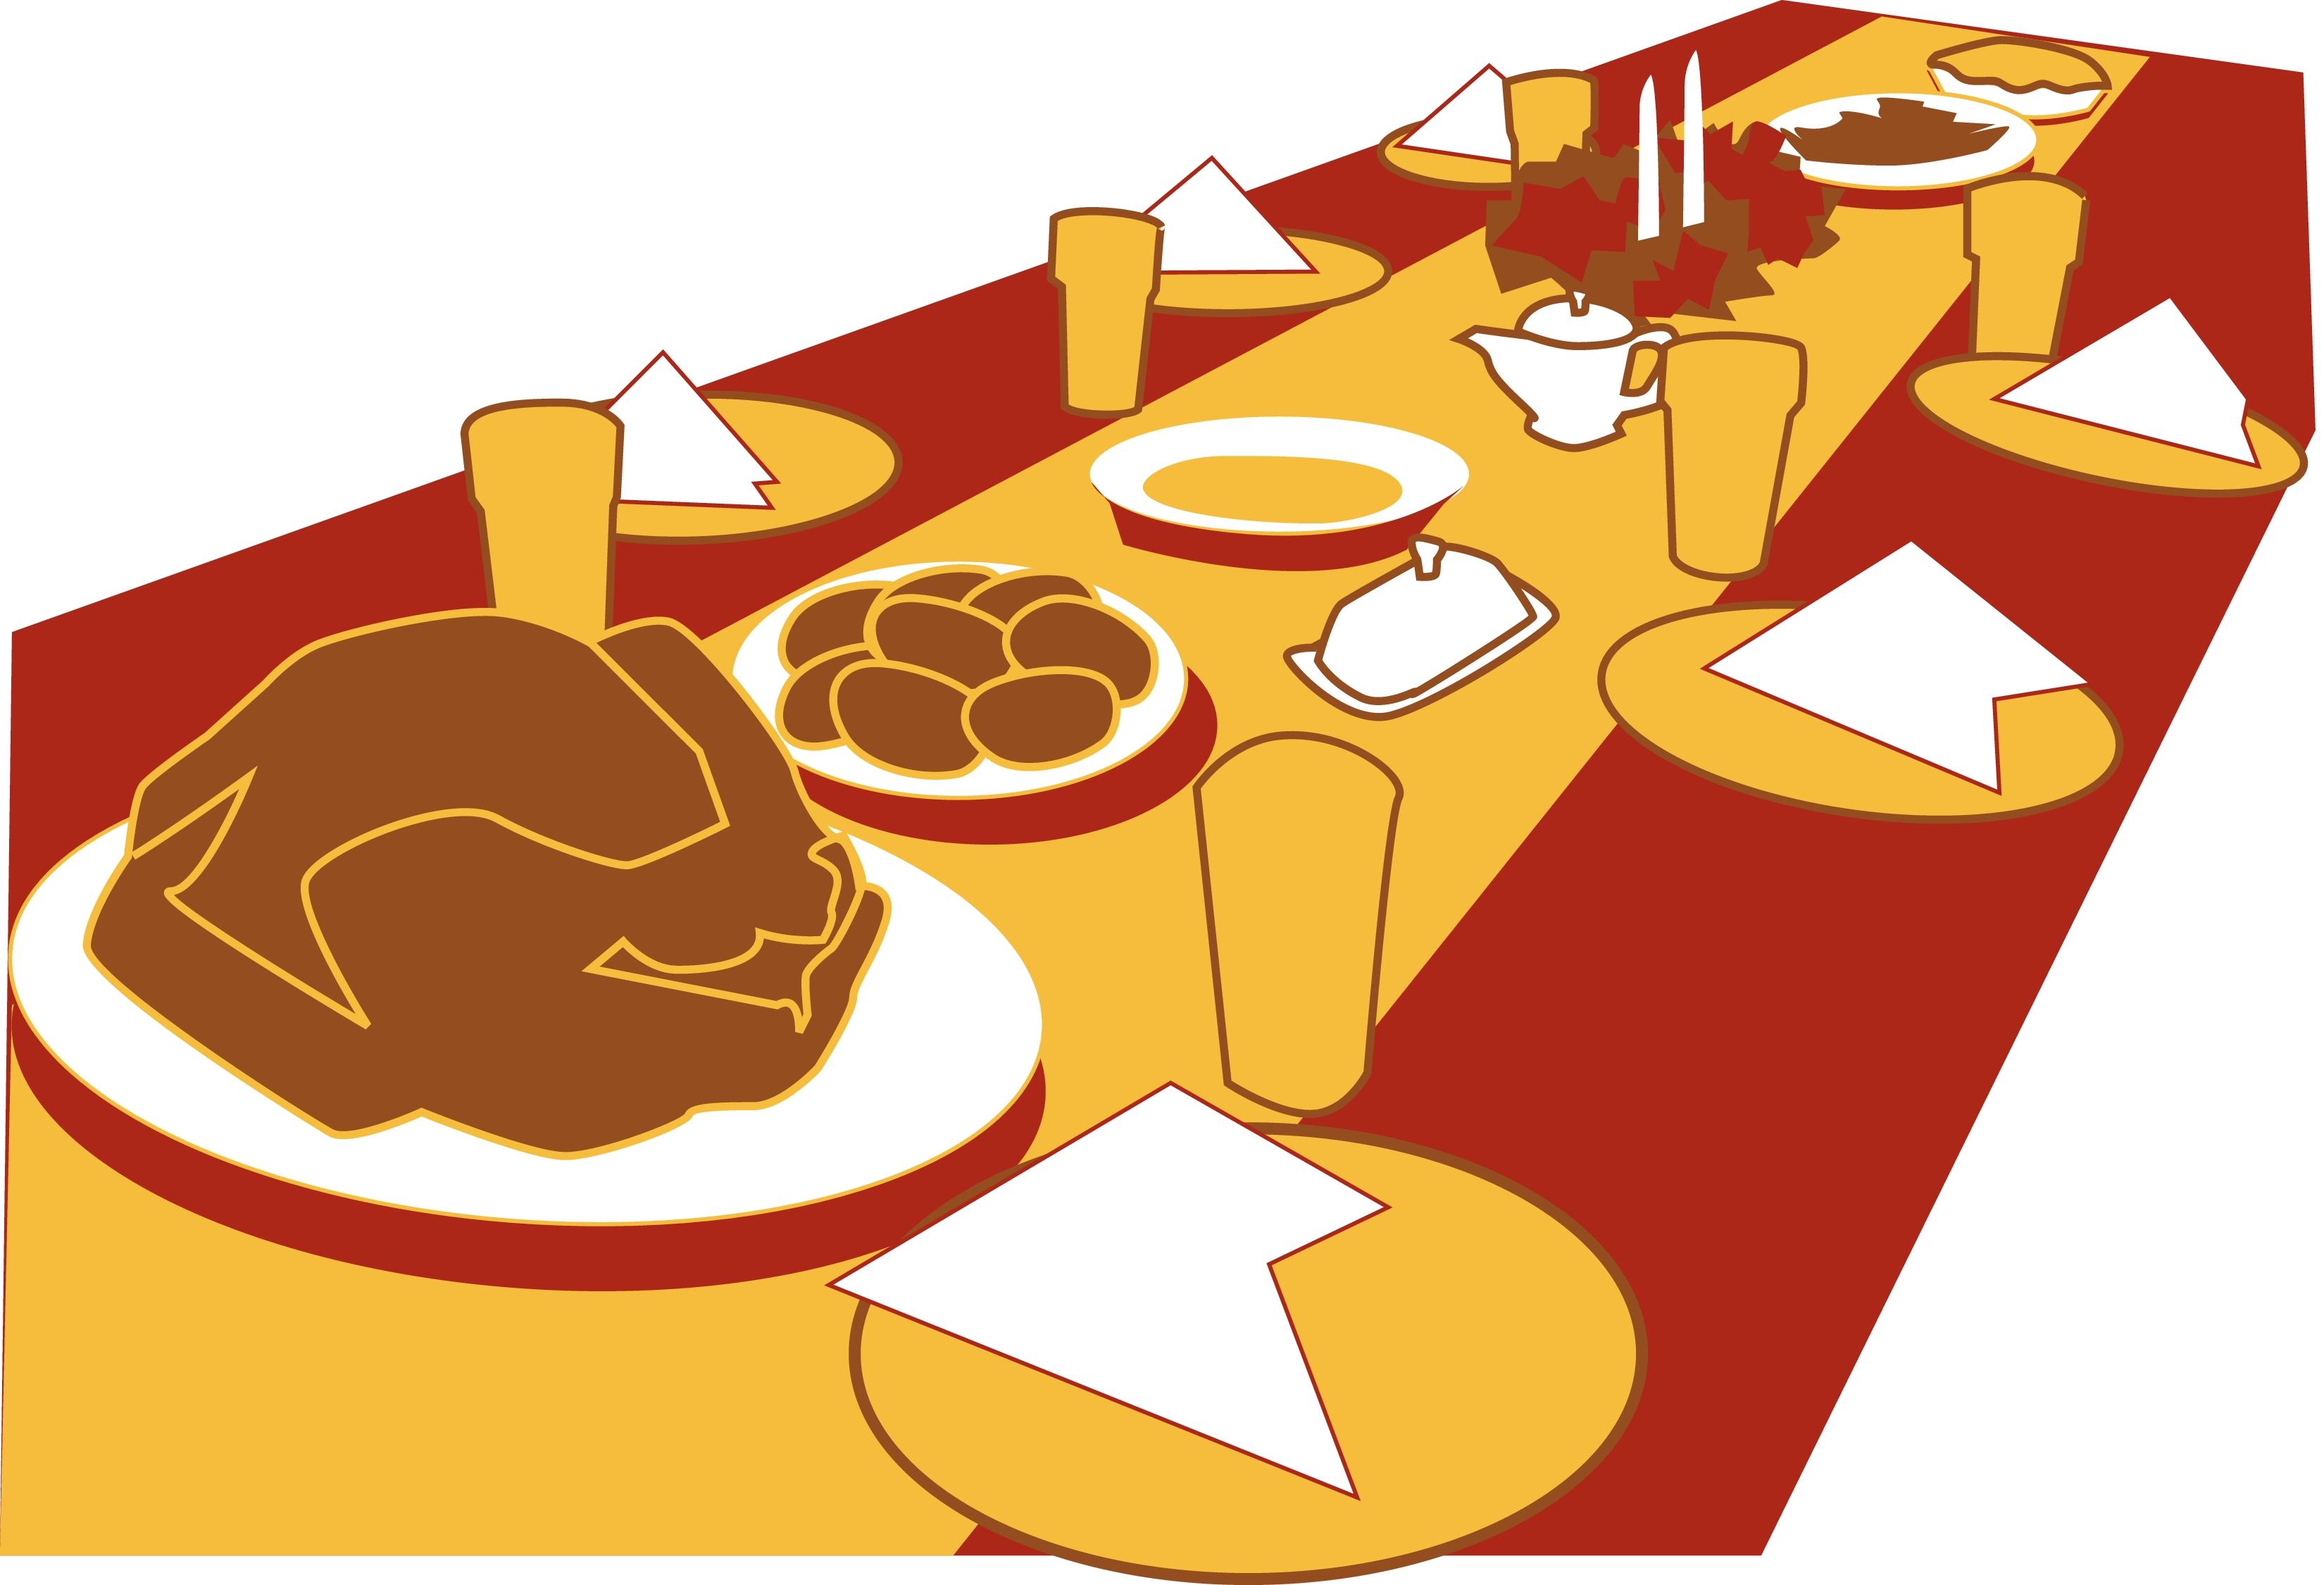 Banquet clip art.